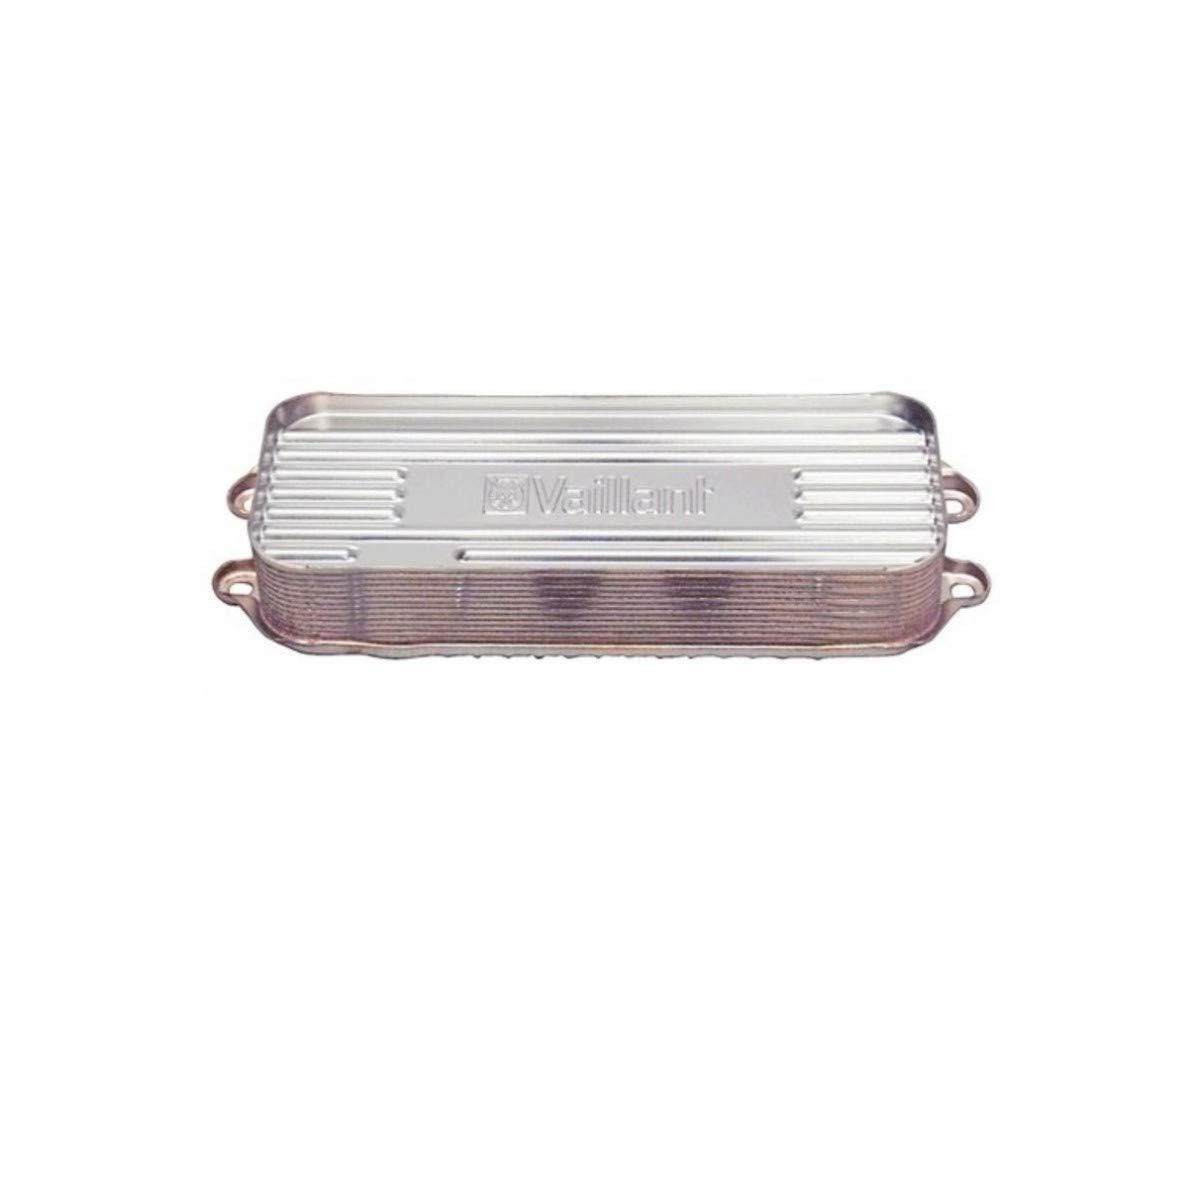 /Échangeur Plaques chaudi/ère Vaillant turbotech 0020020018